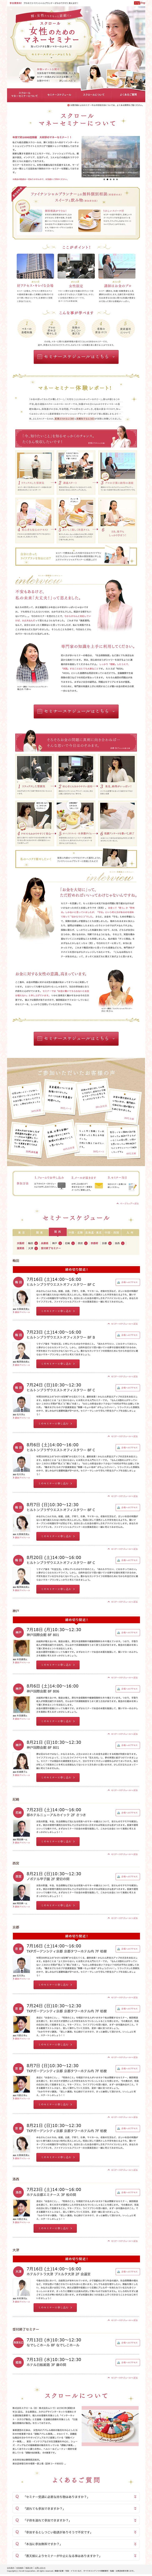 スクロール 女性のためのマネーセミナー【サービス関連】のLPデザイン。WEBデザイナーさん必見!ランディングページのデザイン参考に(かわいい系)